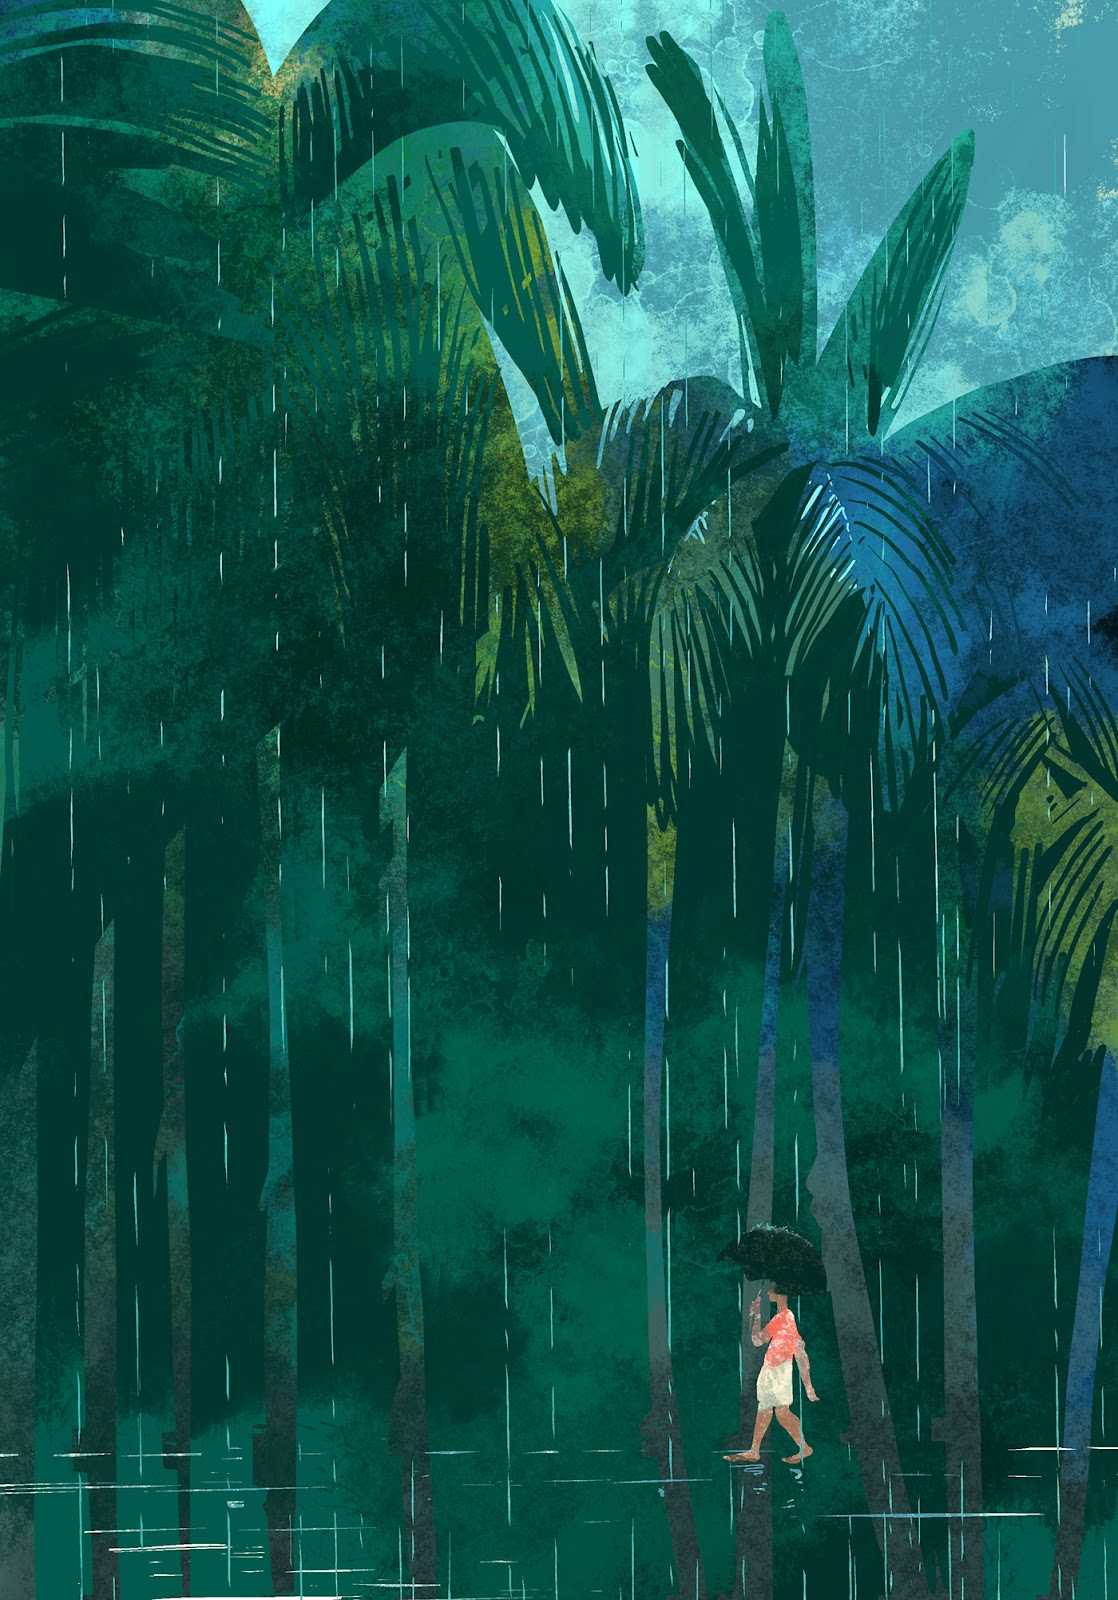 Digital Art  Drawing  ILLUSTRATION  kerala life monsoon pen rain Umbrella